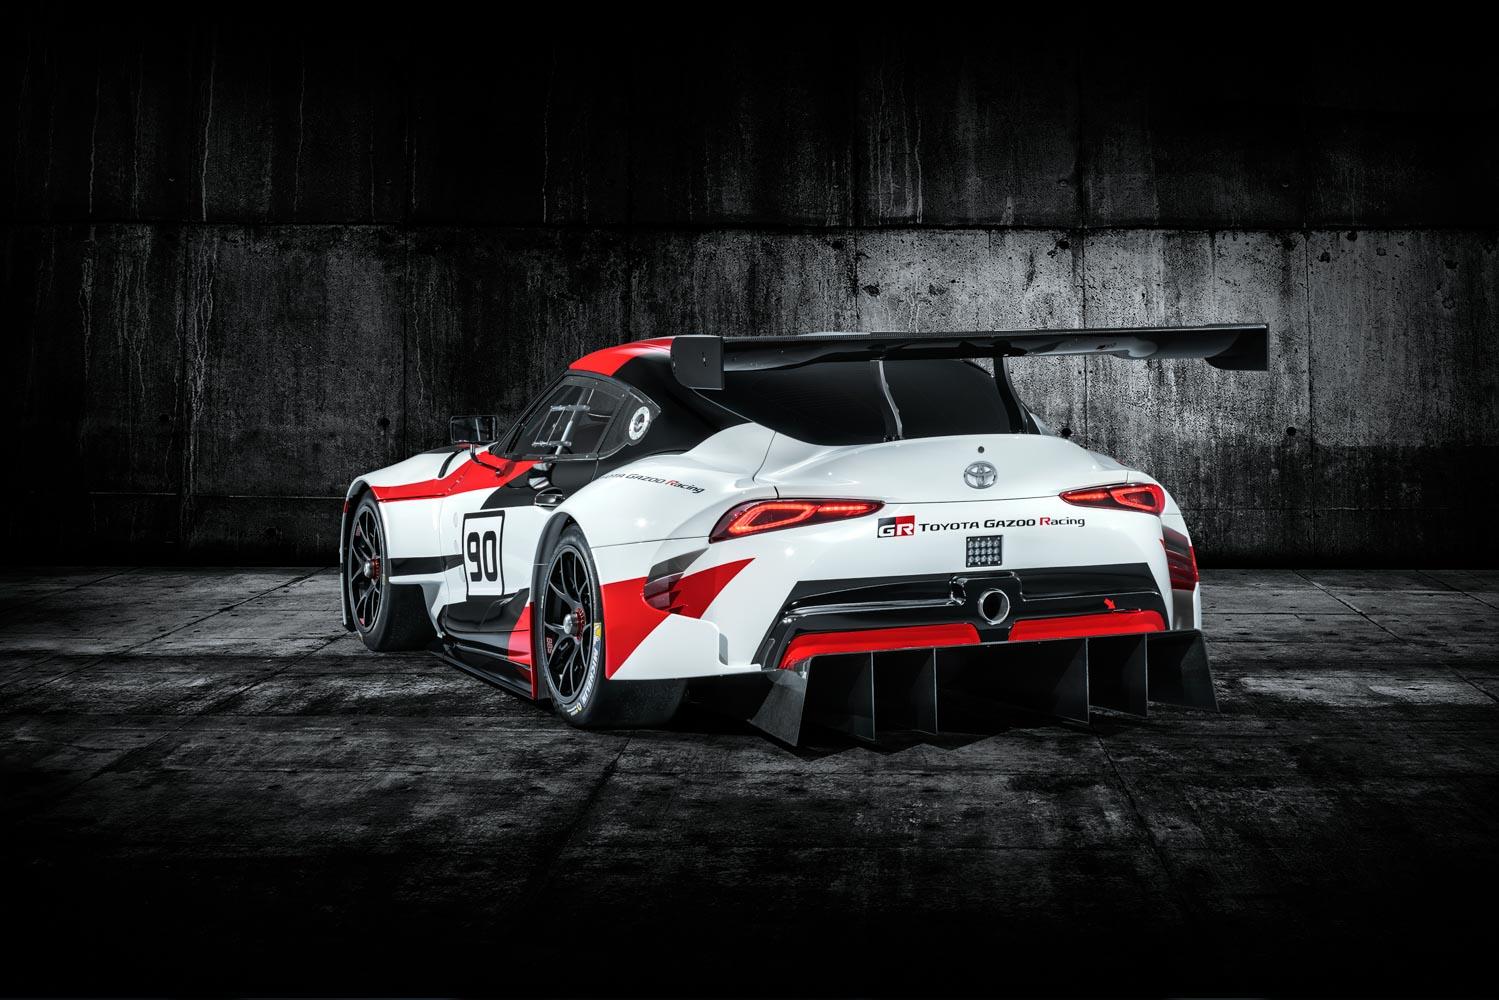 toyota-gazoo-racing-supra-concept_39954957084_o.jpg